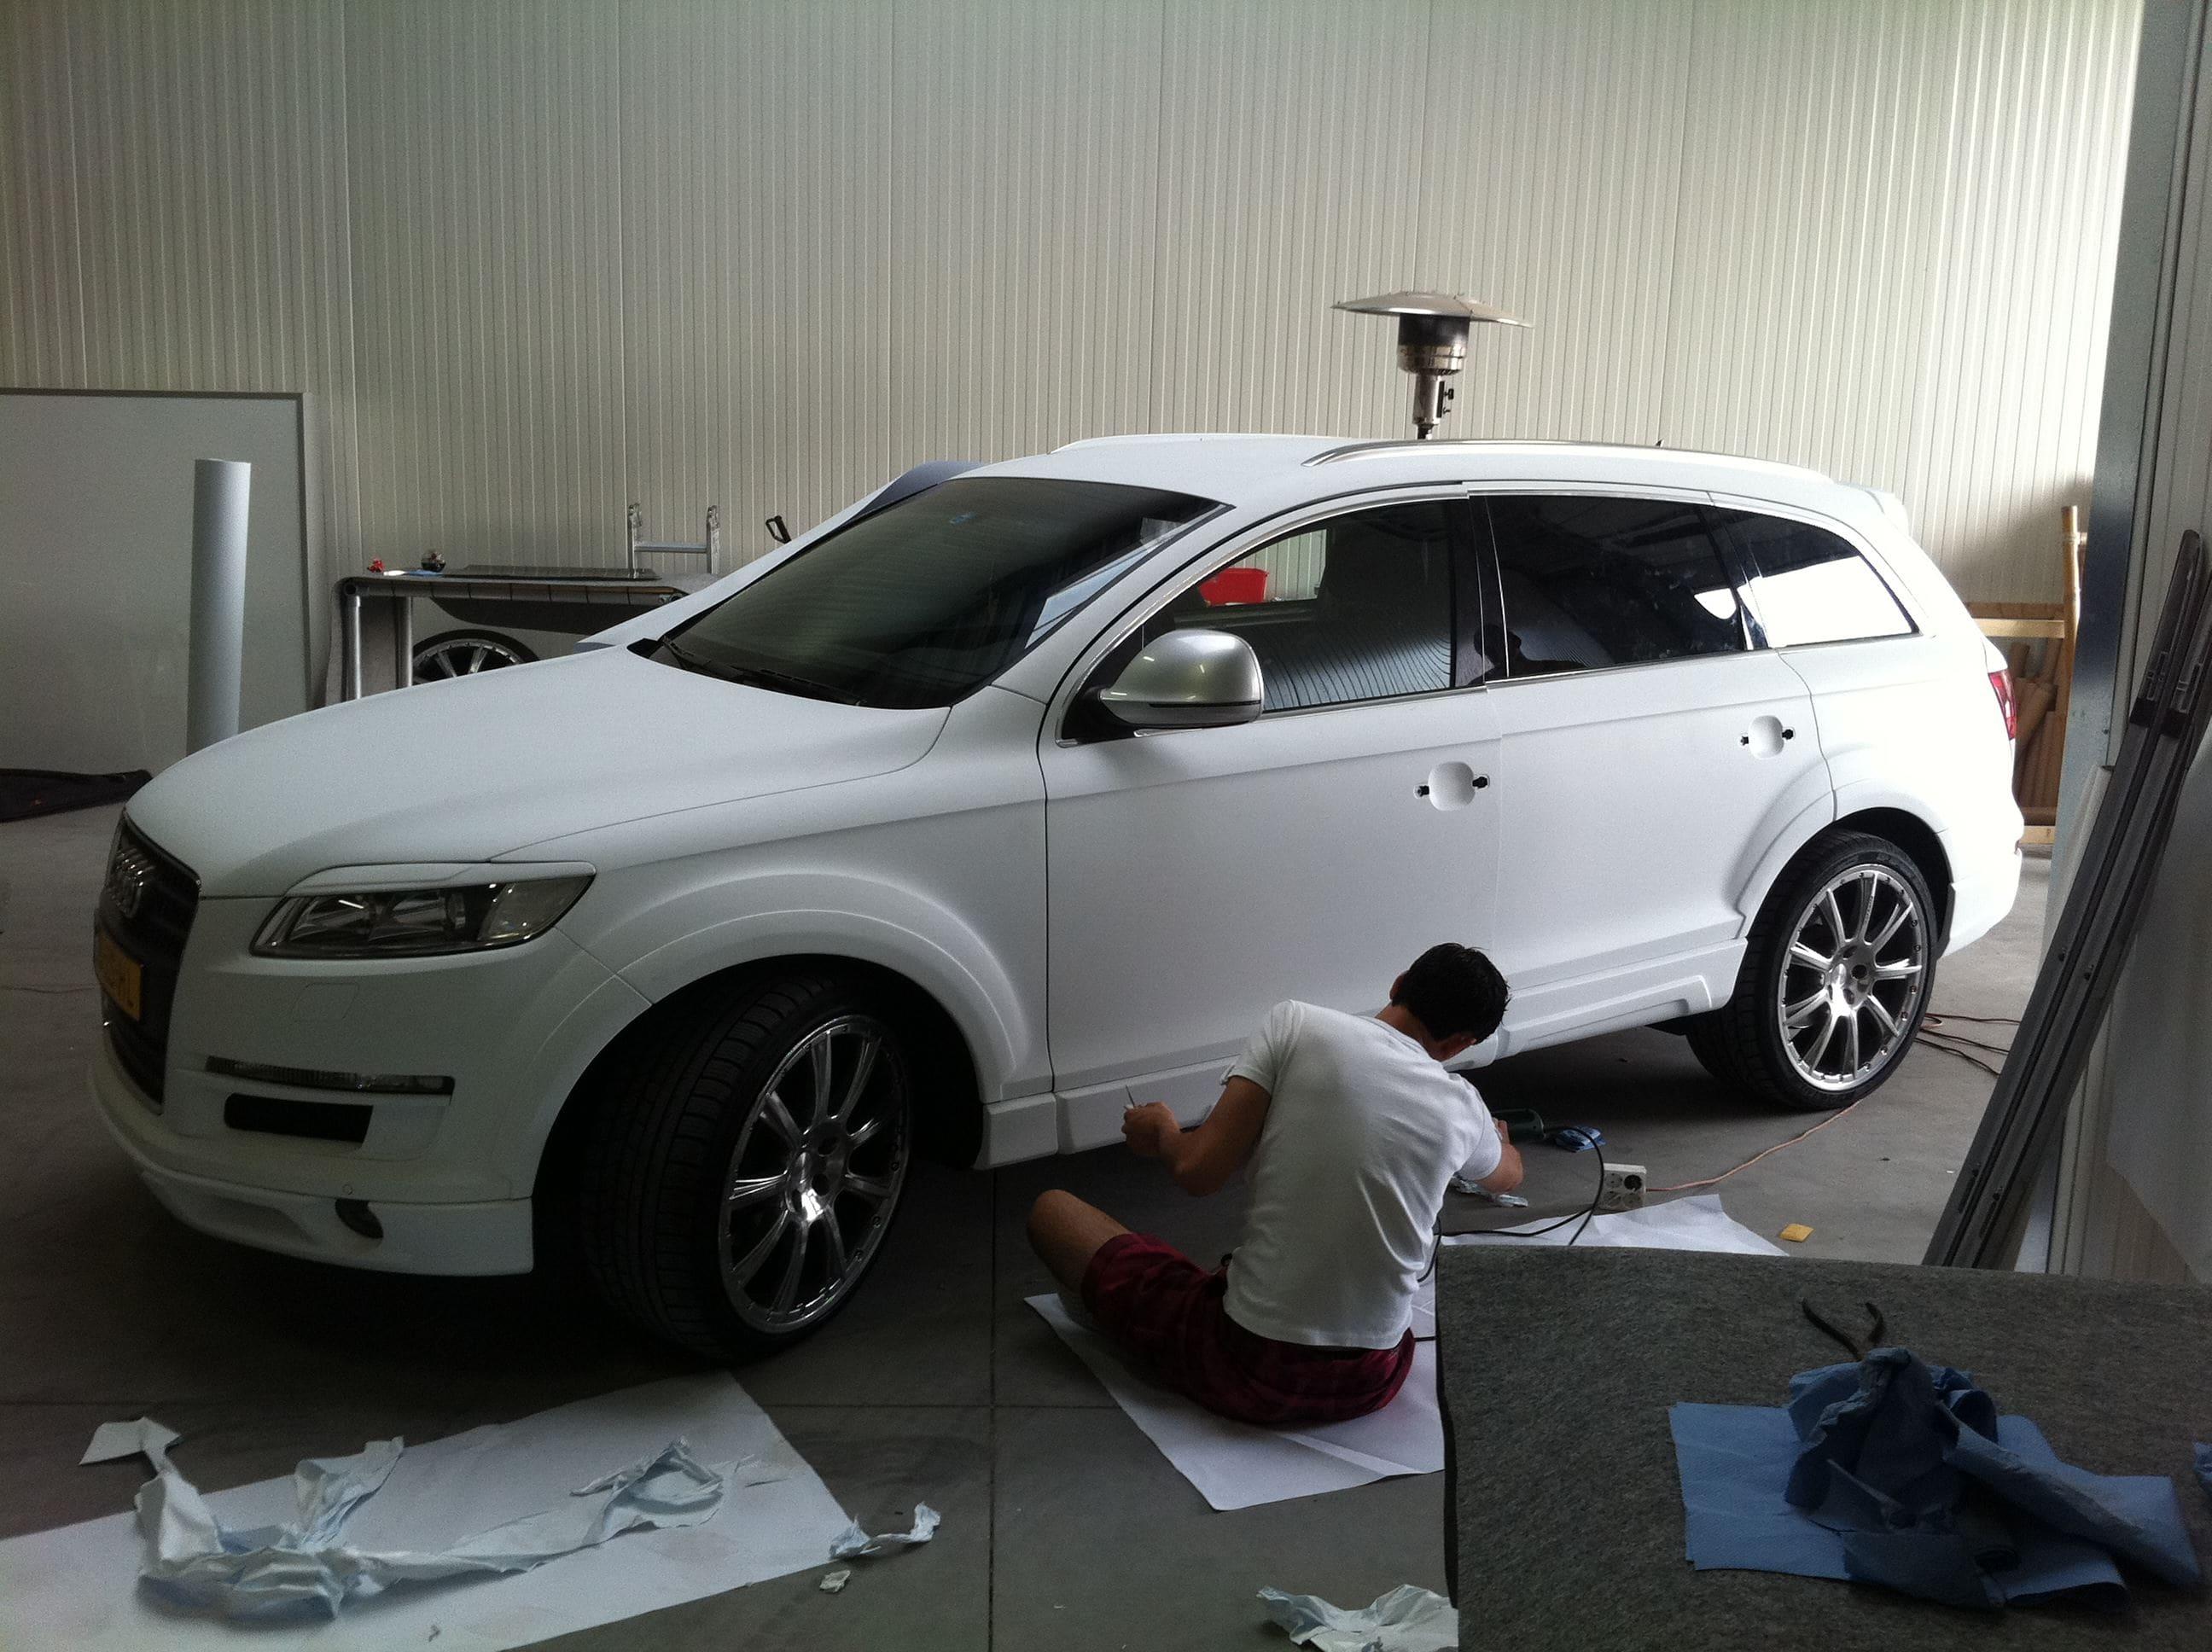 Audi Q7 met Mat Witte Wrap, Carwrapping door Wrapmyride.nu Foto-nr:4925, ©2021